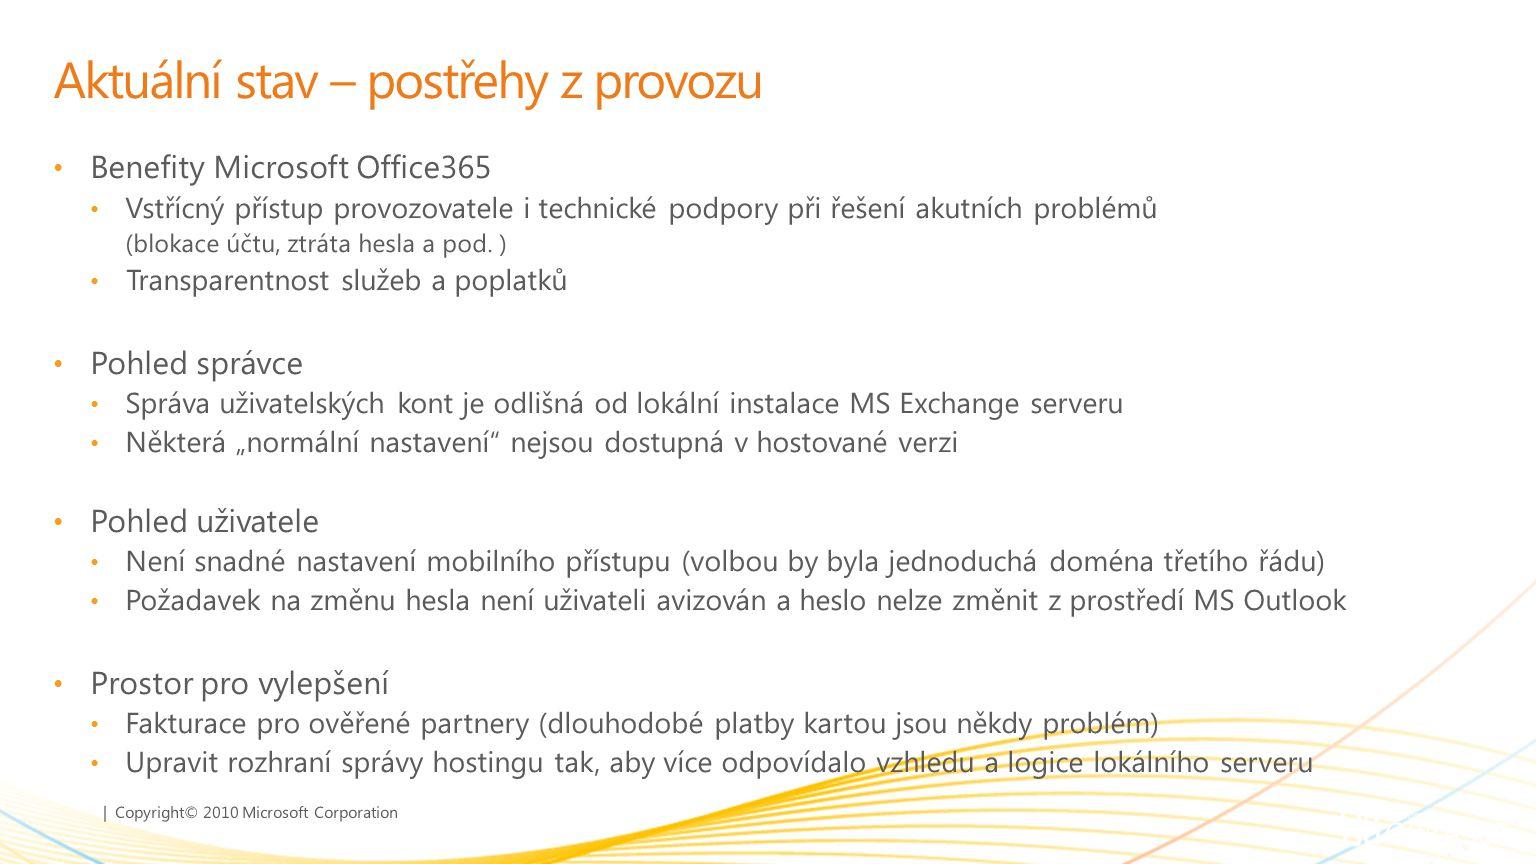 | Copyright© 2010 Microsoft Corporation Aktuální stav – postřehy z provozu Benefity Microsoft Office365 Vstřícný přístup provozovatele i technické podpory při řešení akutních problémů (blokace účtu, ztráta hesla a pod.